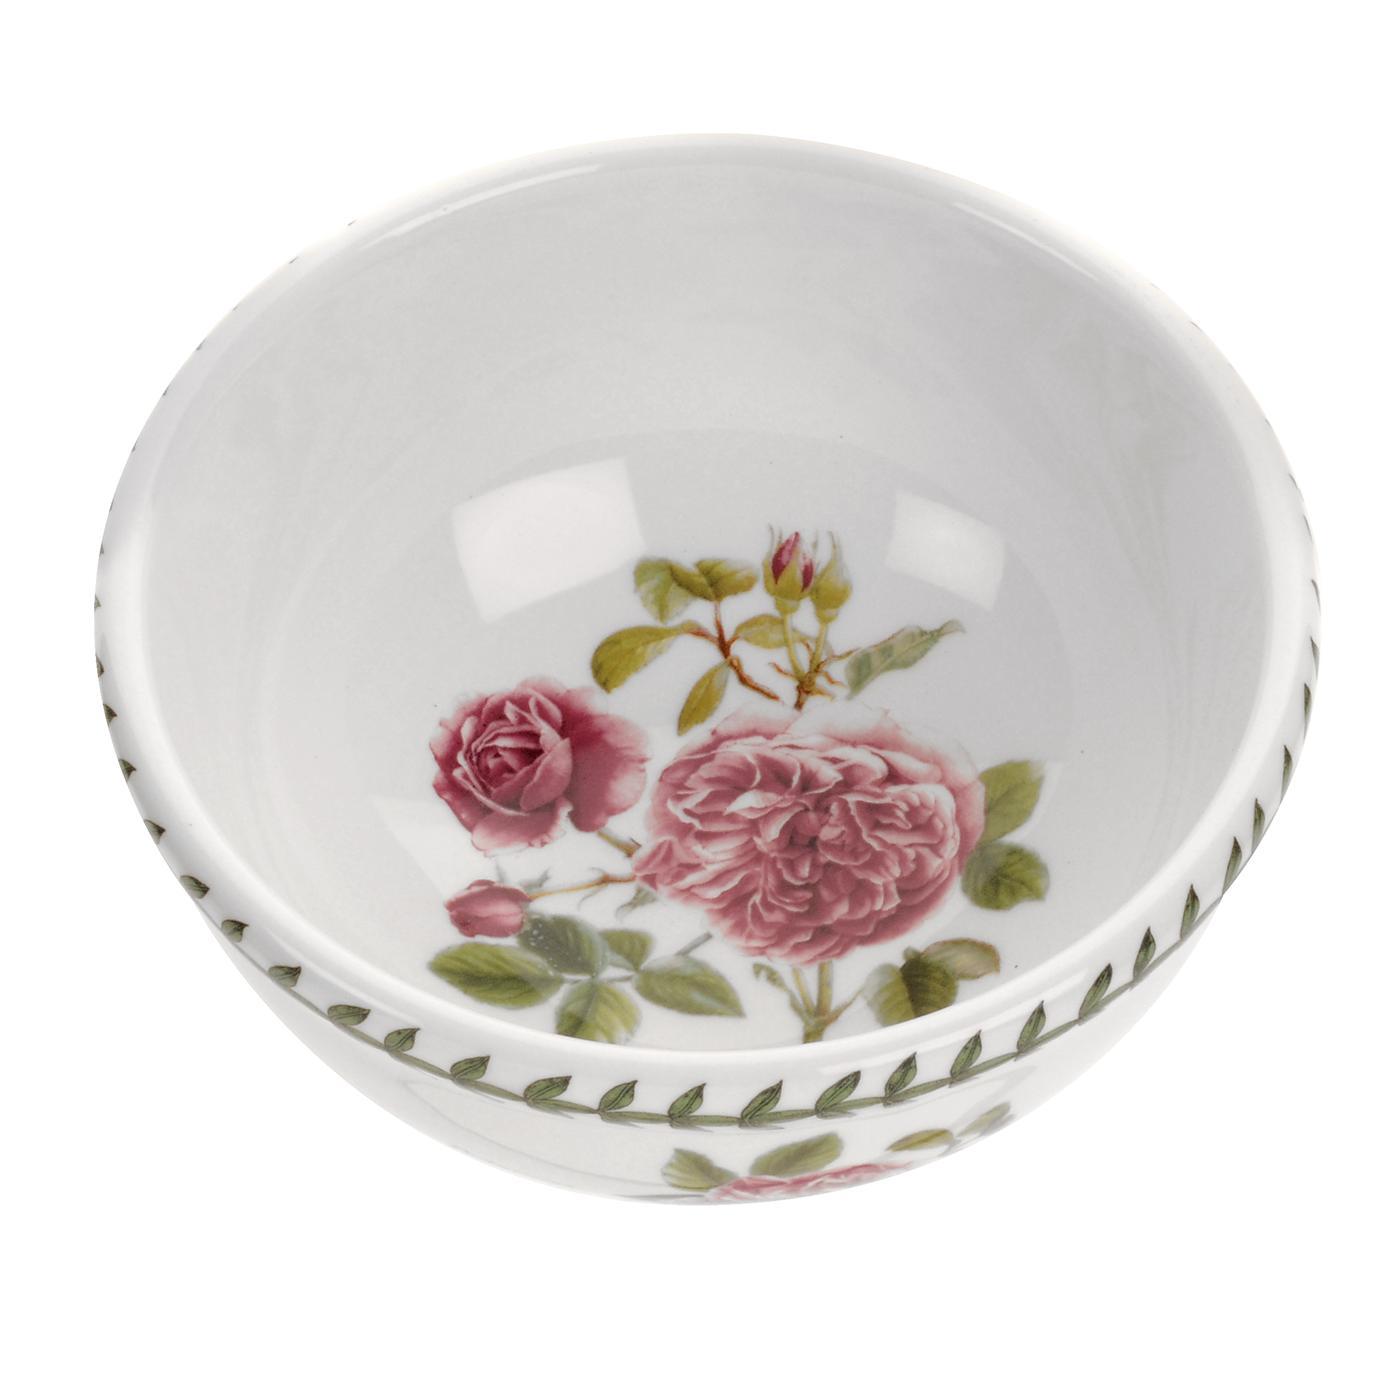 Portmeirion Botanic Roses Seconds